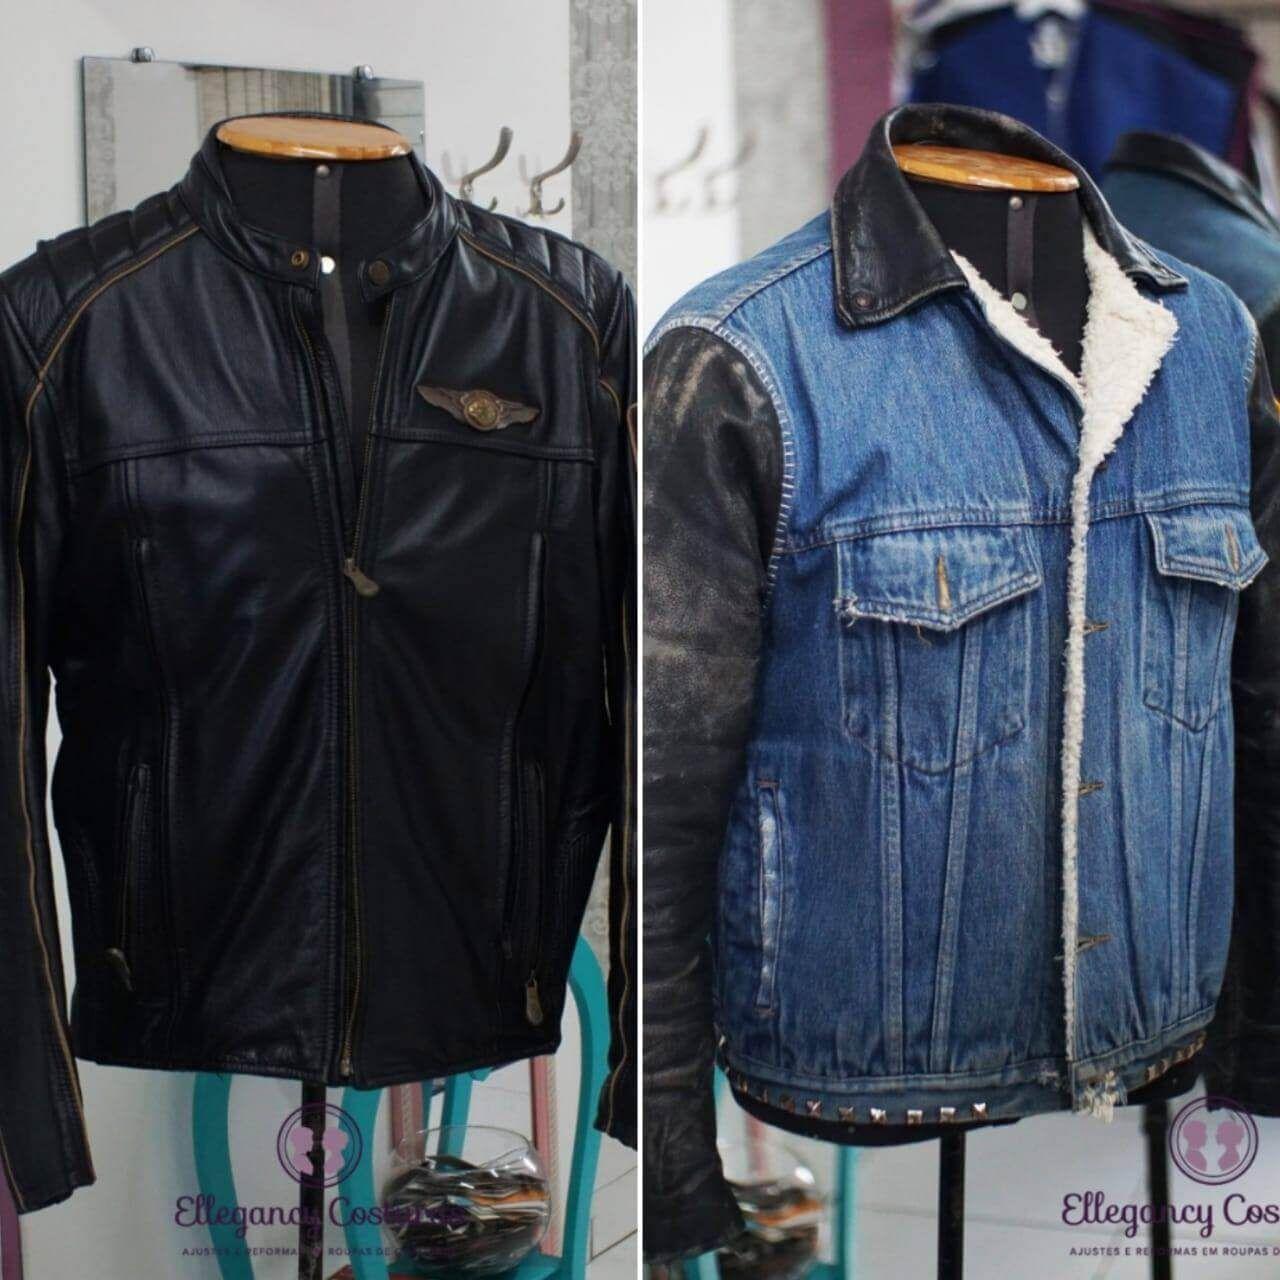 conserto-de-roupas-em-geral-1-8579669